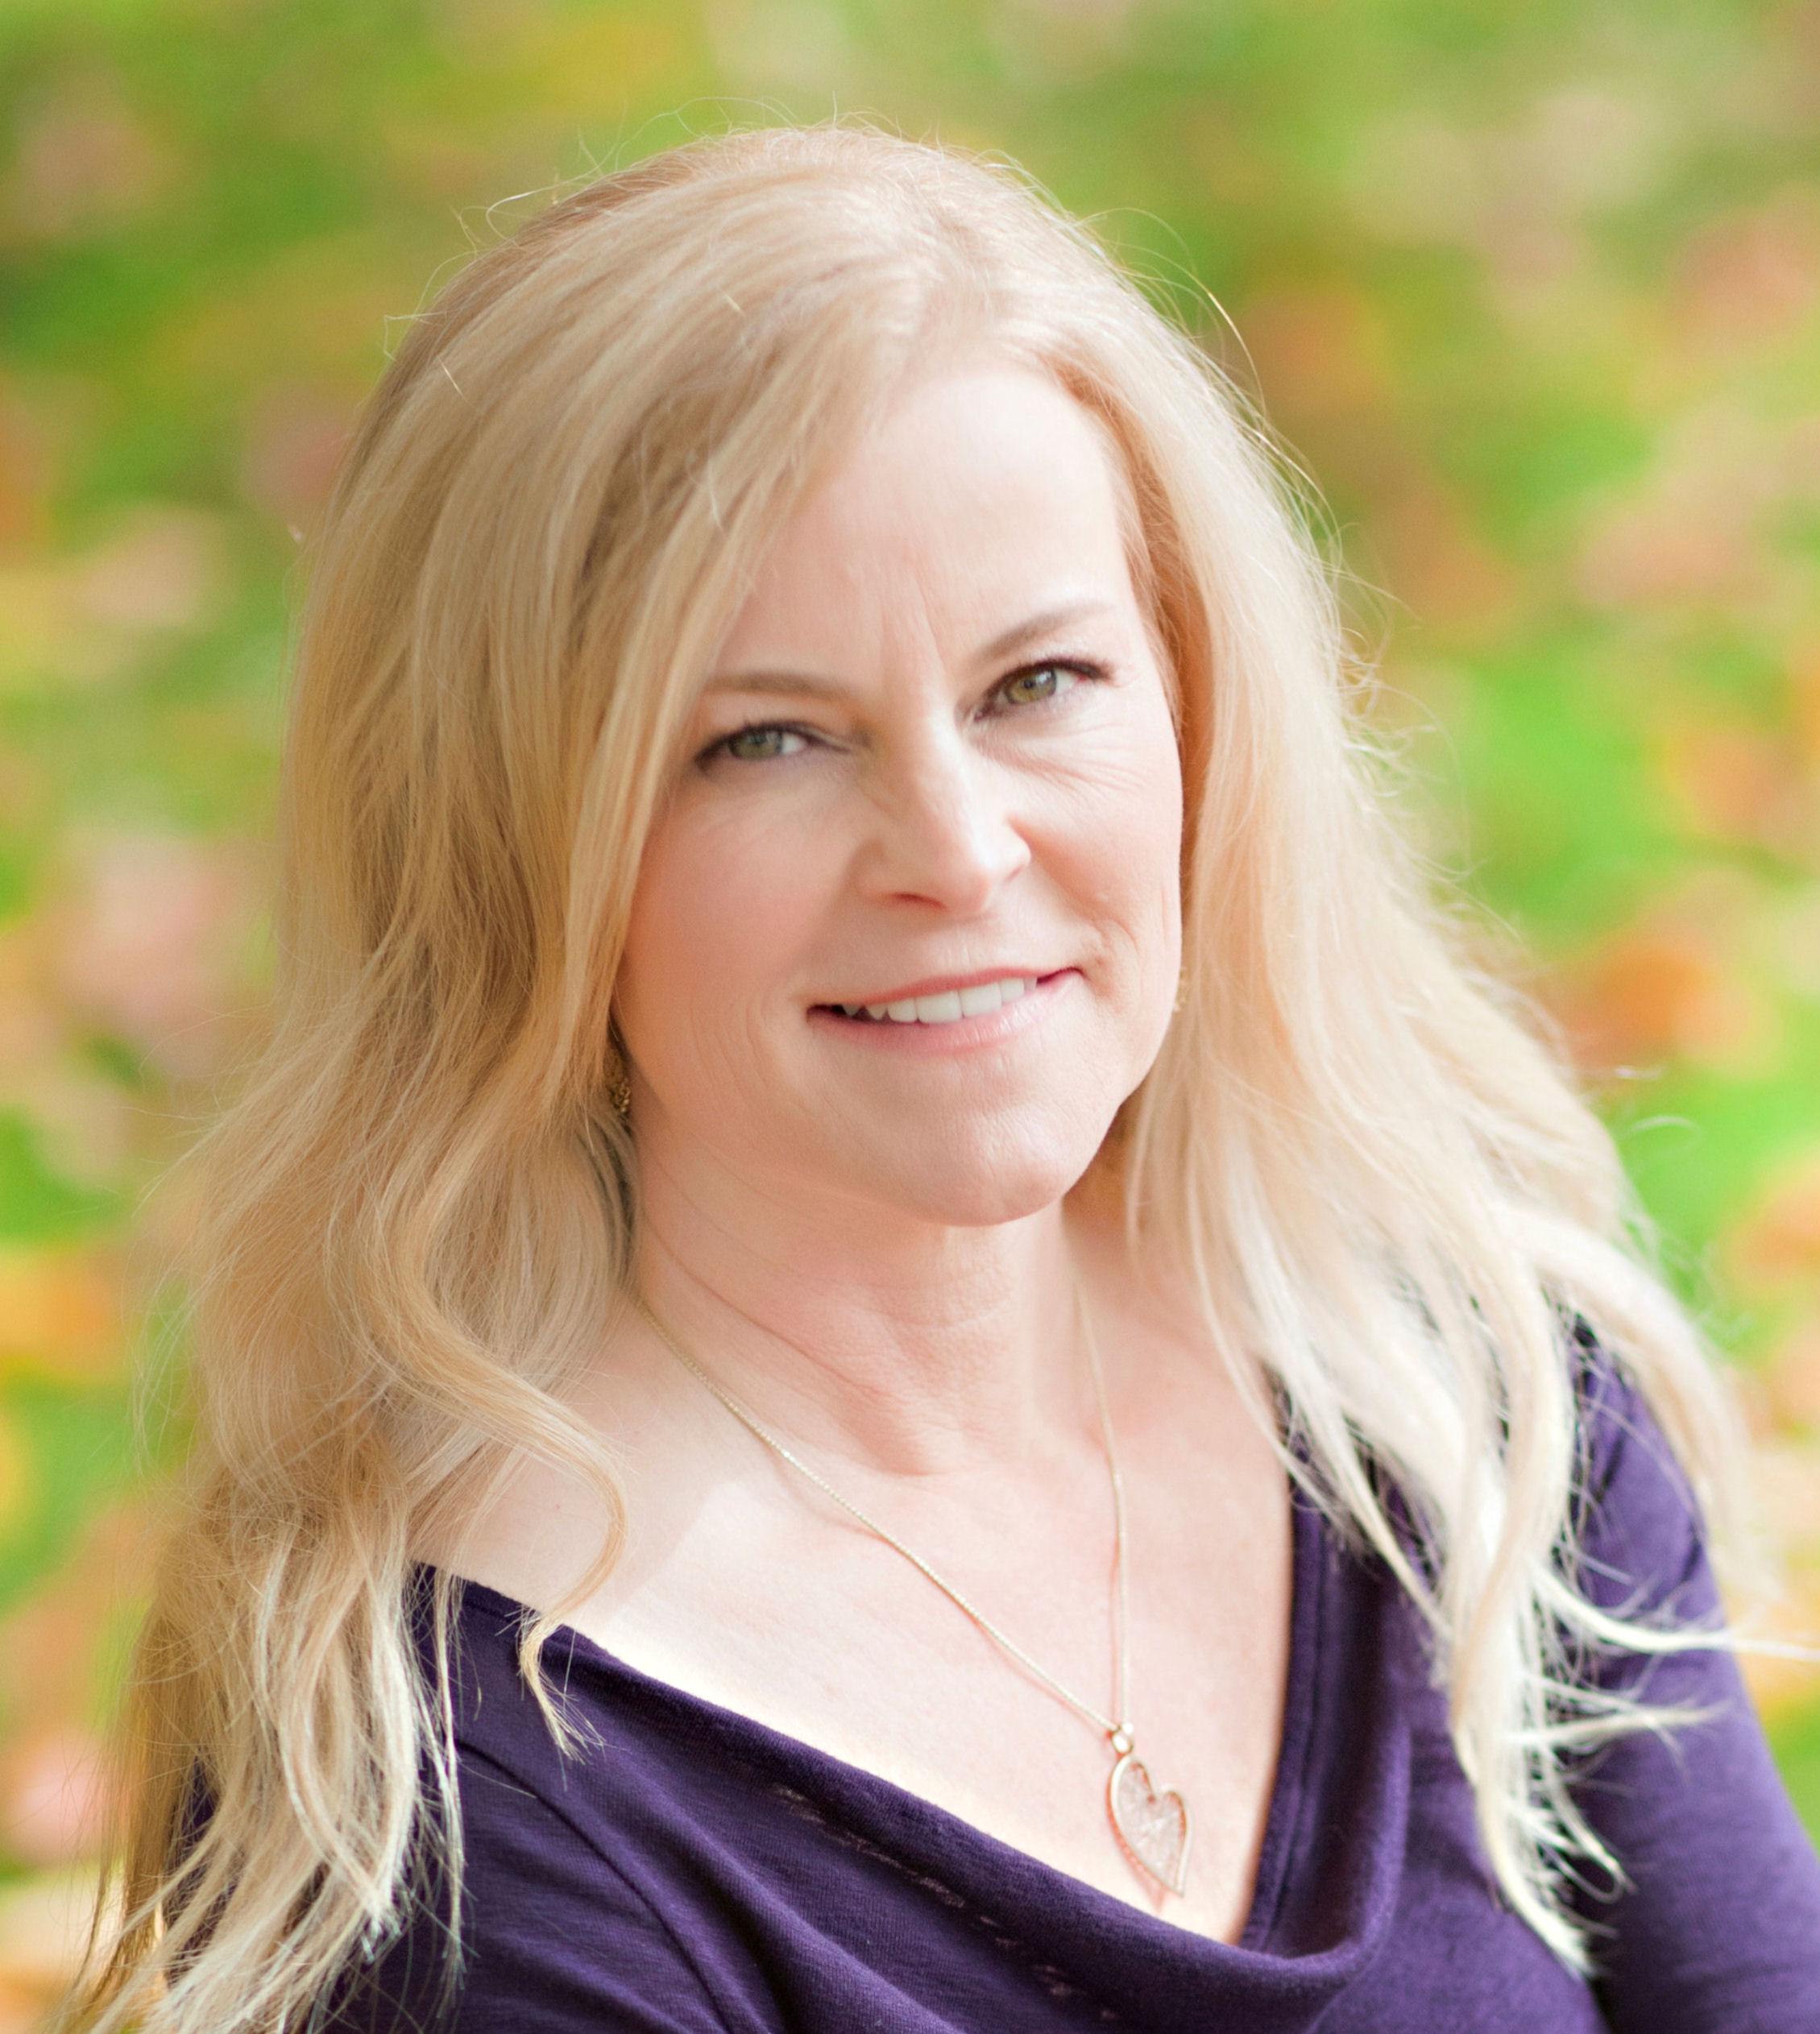 Tammy Steele